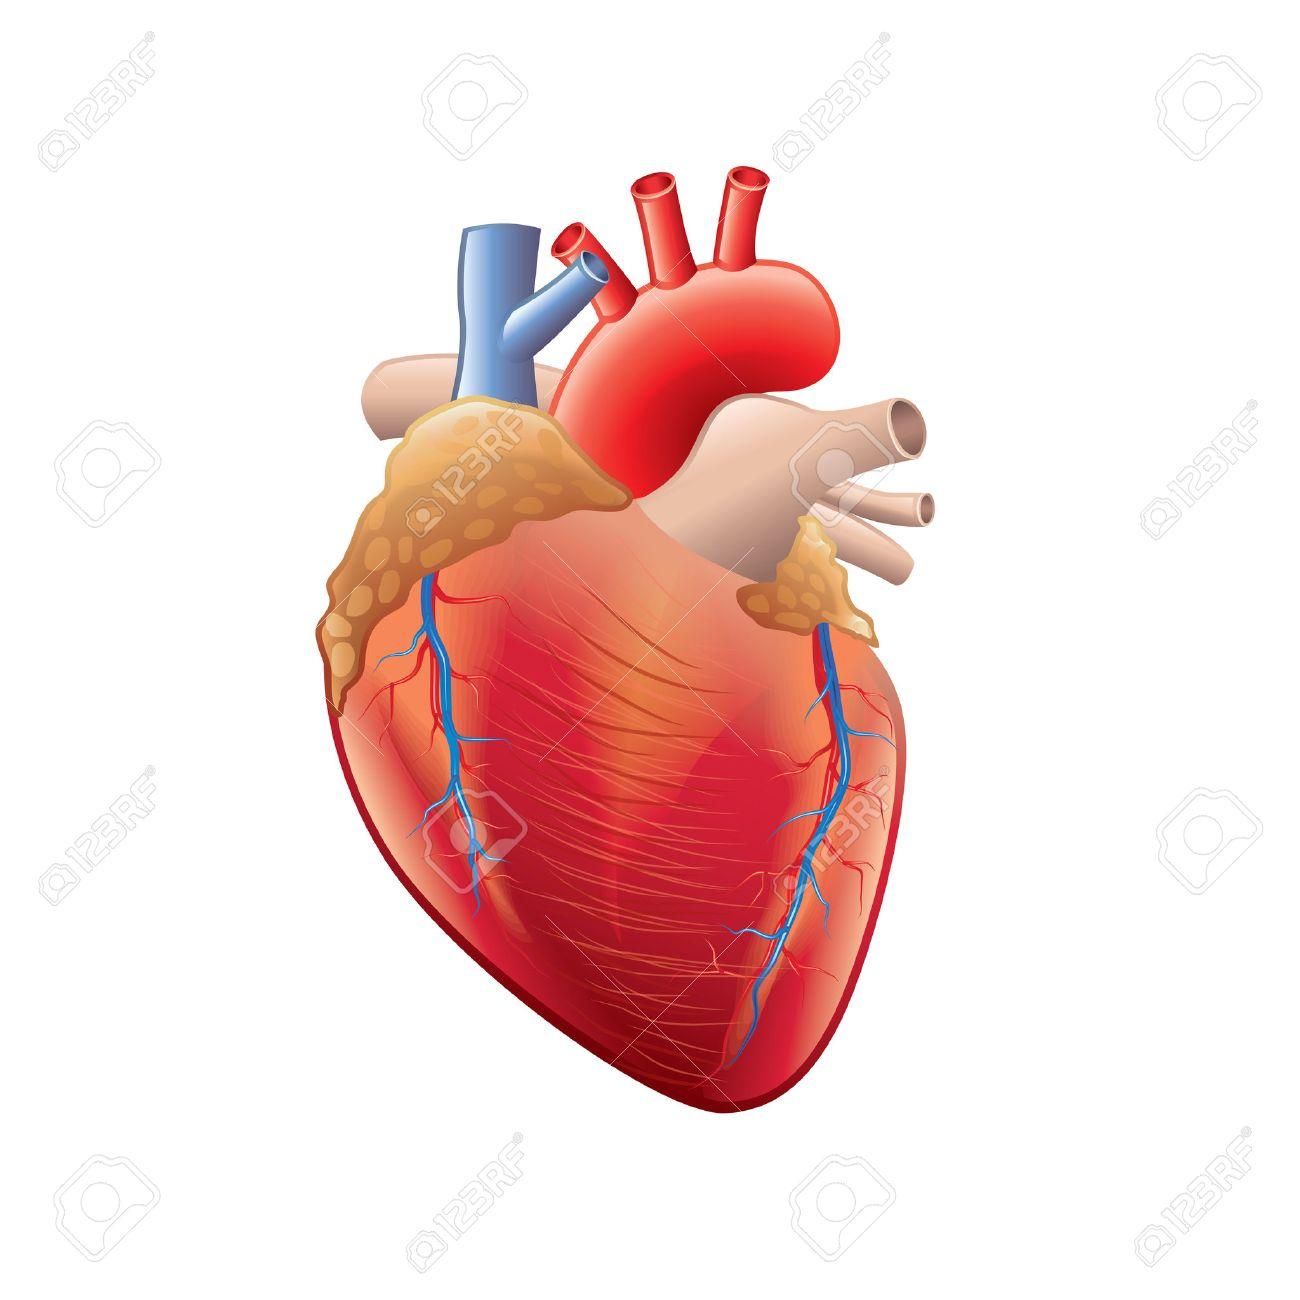 Coeur Humain Photo l'anatomie du coeur humain isolé sur photo-réaliste blanc